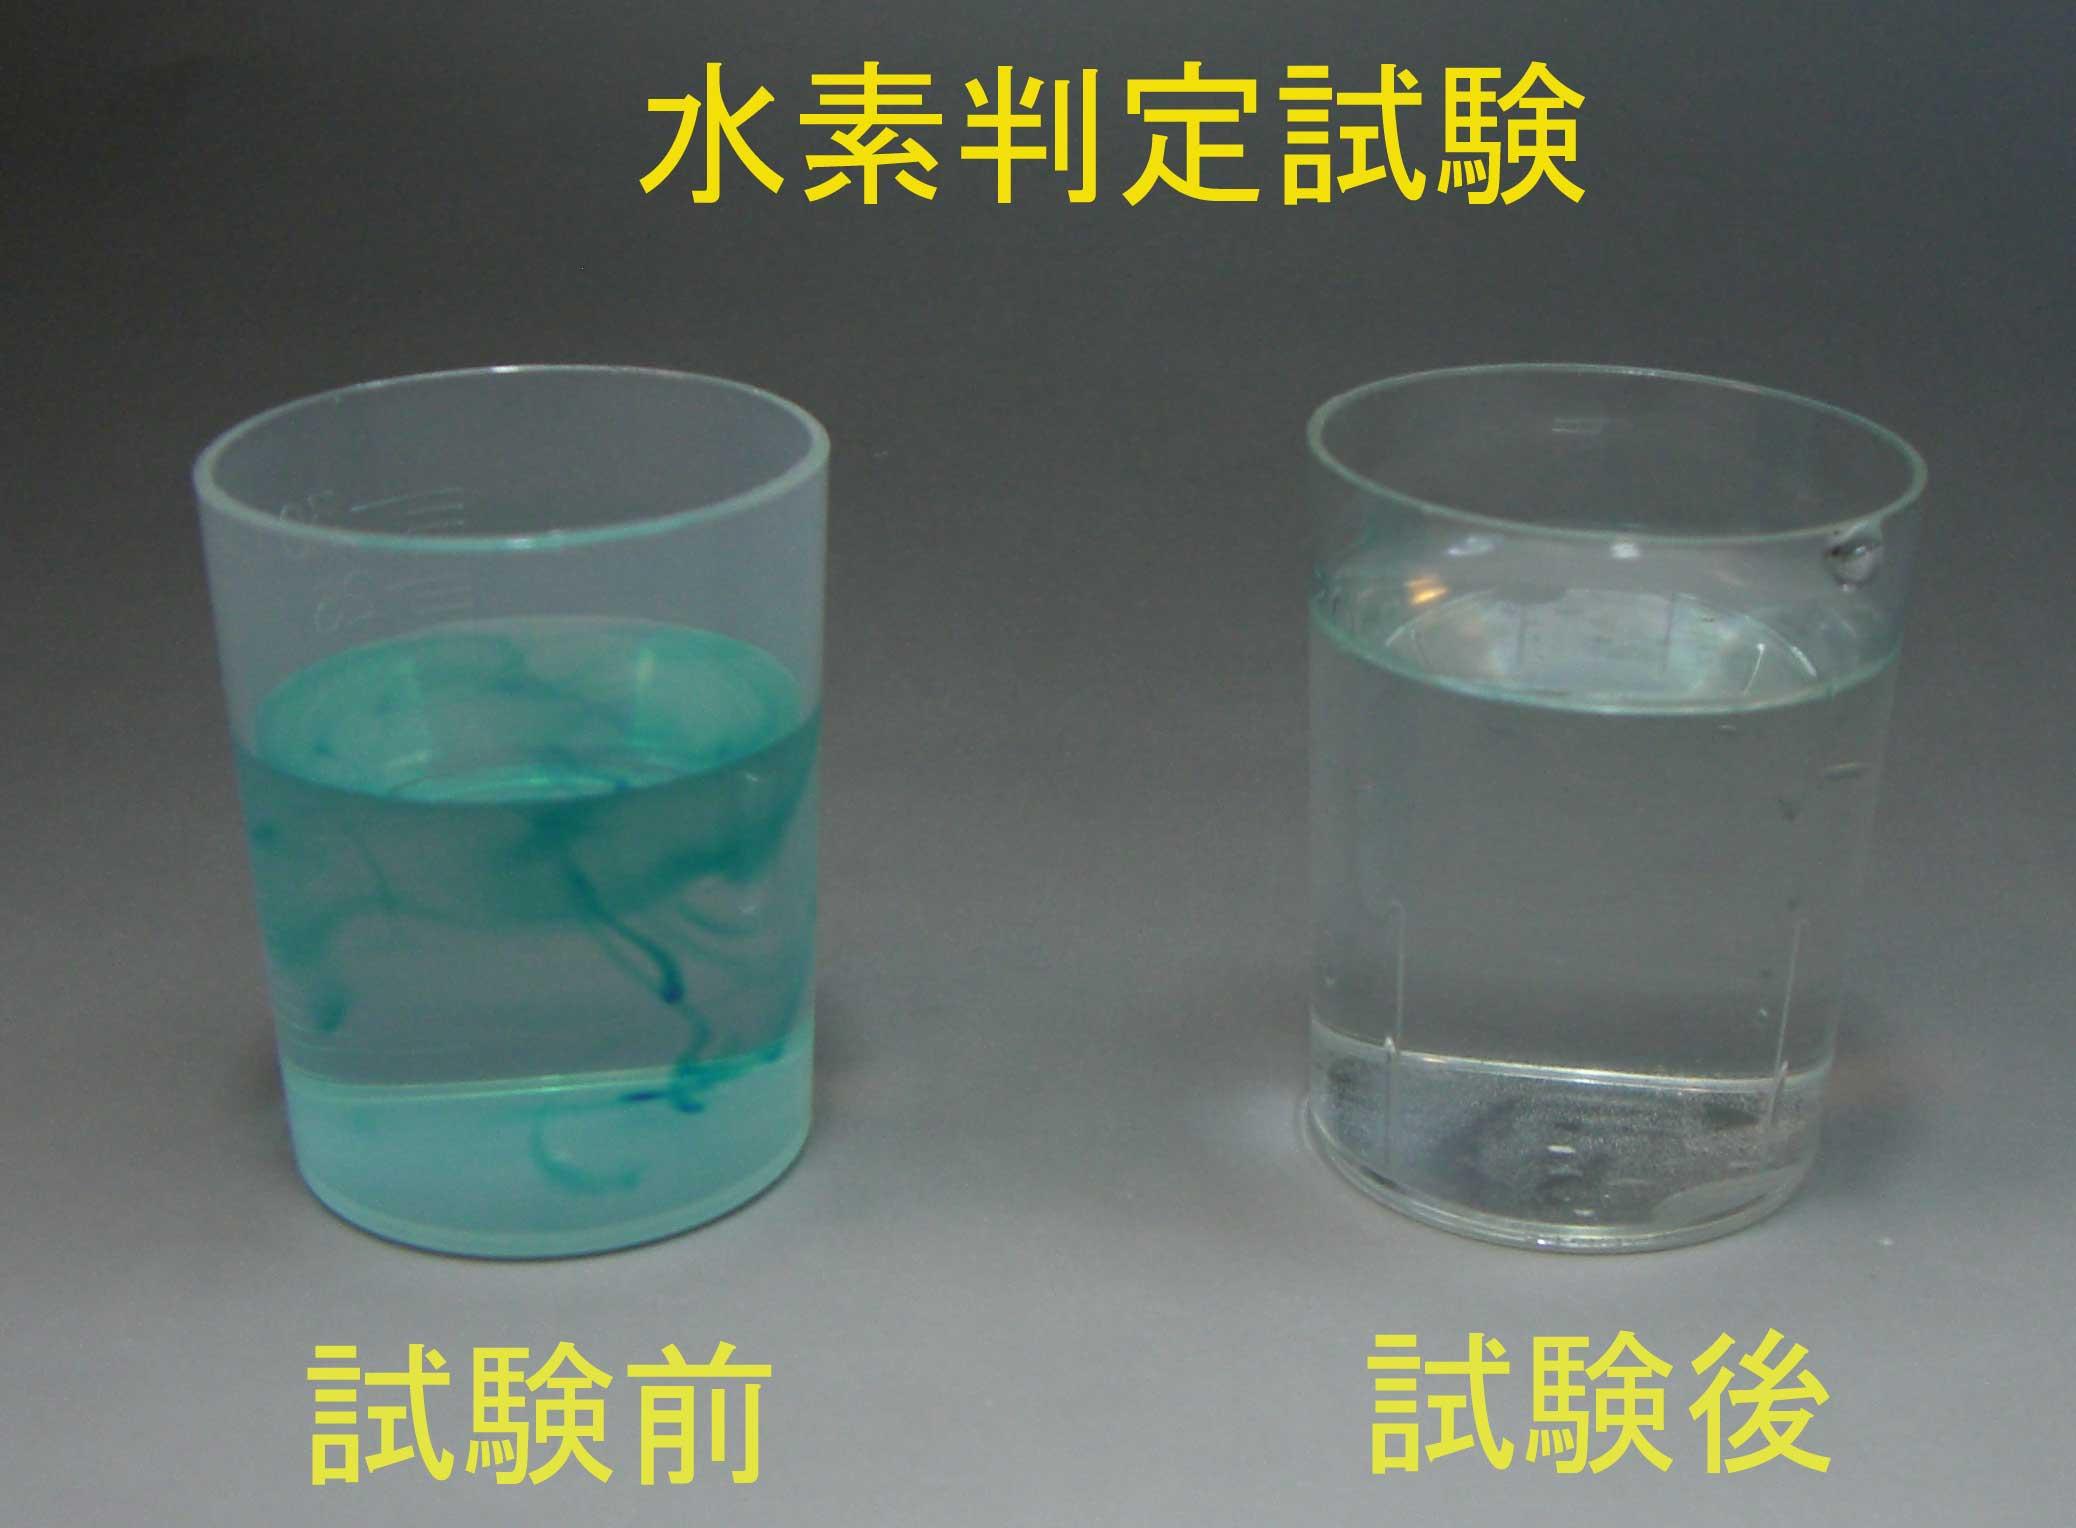 メチレンブルー | 水素水の専門 ...